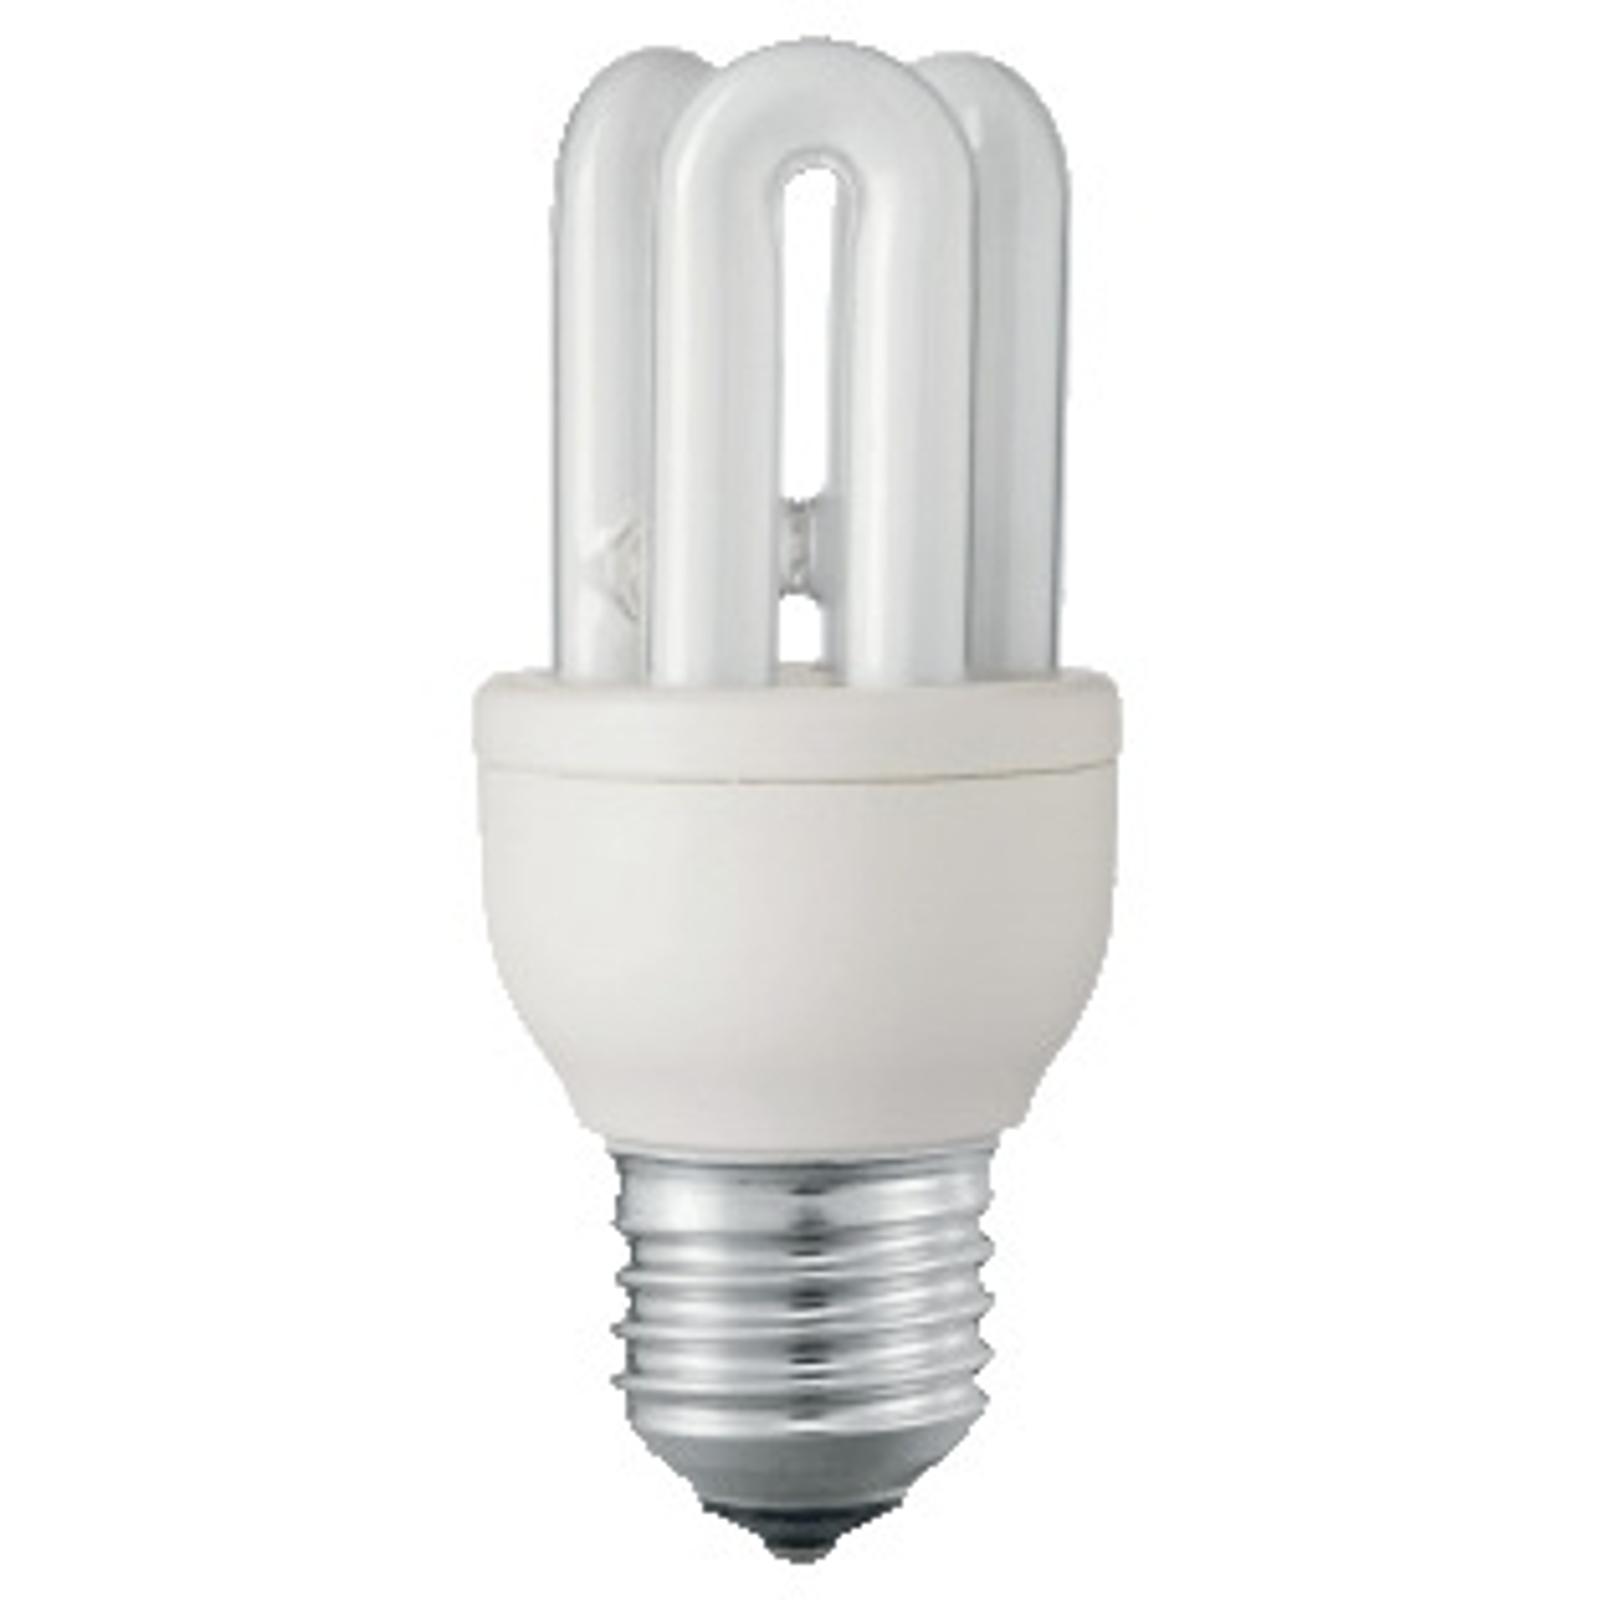 Philips Genie ESaver E27 Energiesparlampe 827 kaufen